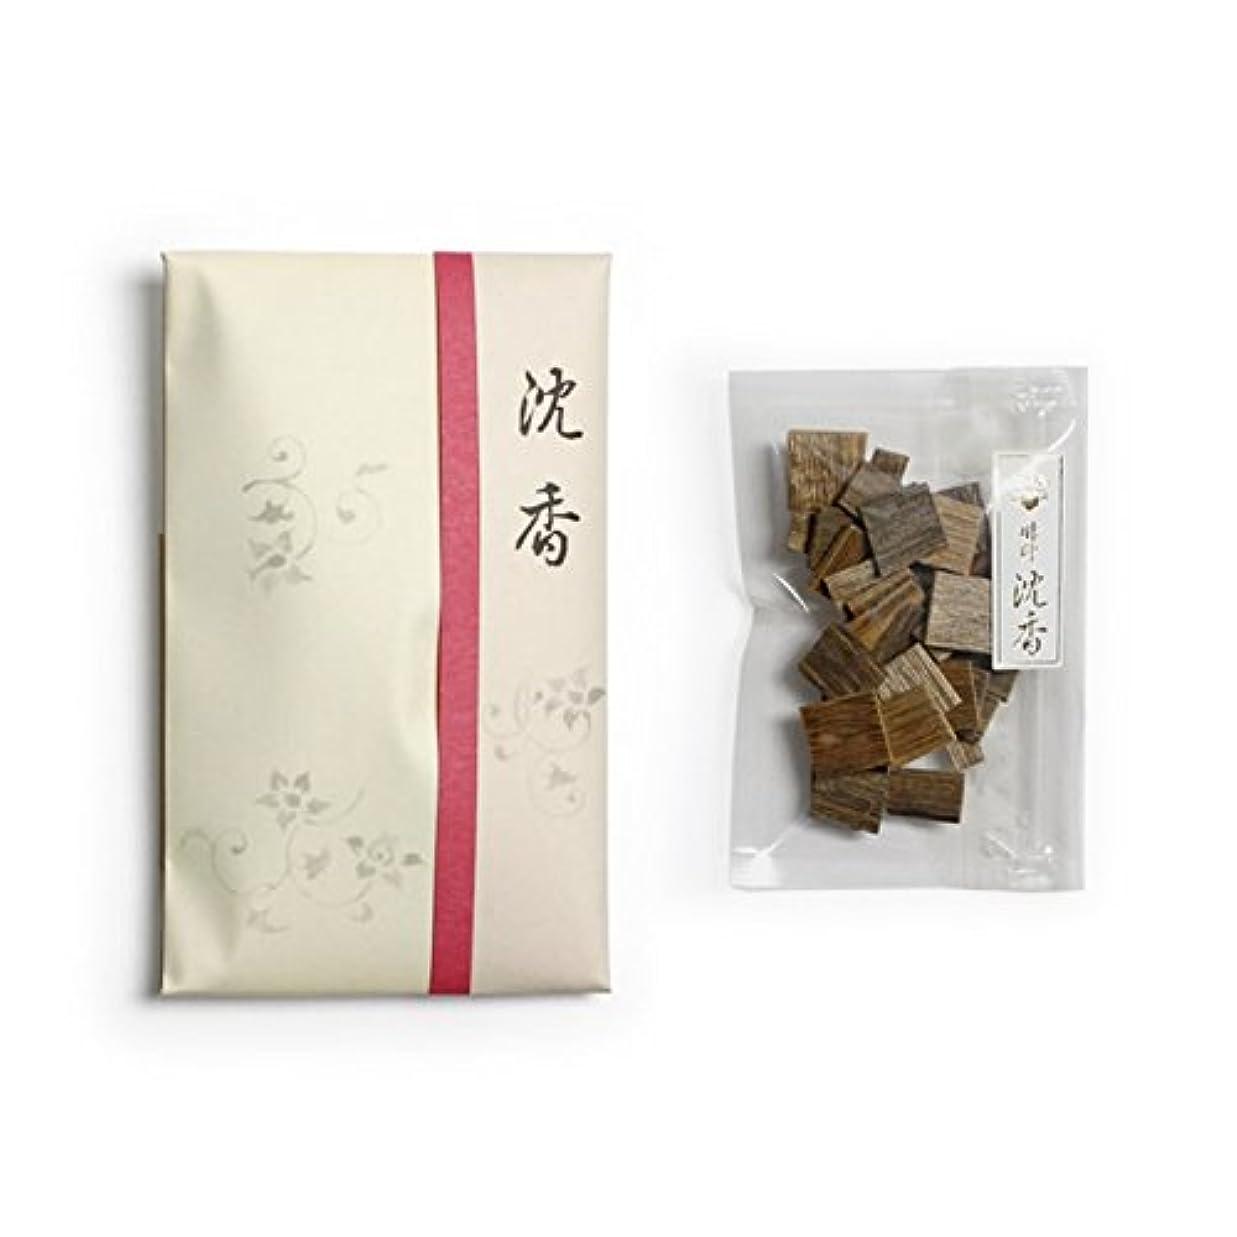 ケージトーストゴミ香木 竹印 沈香 割(わり) 5g詰 松栄堂